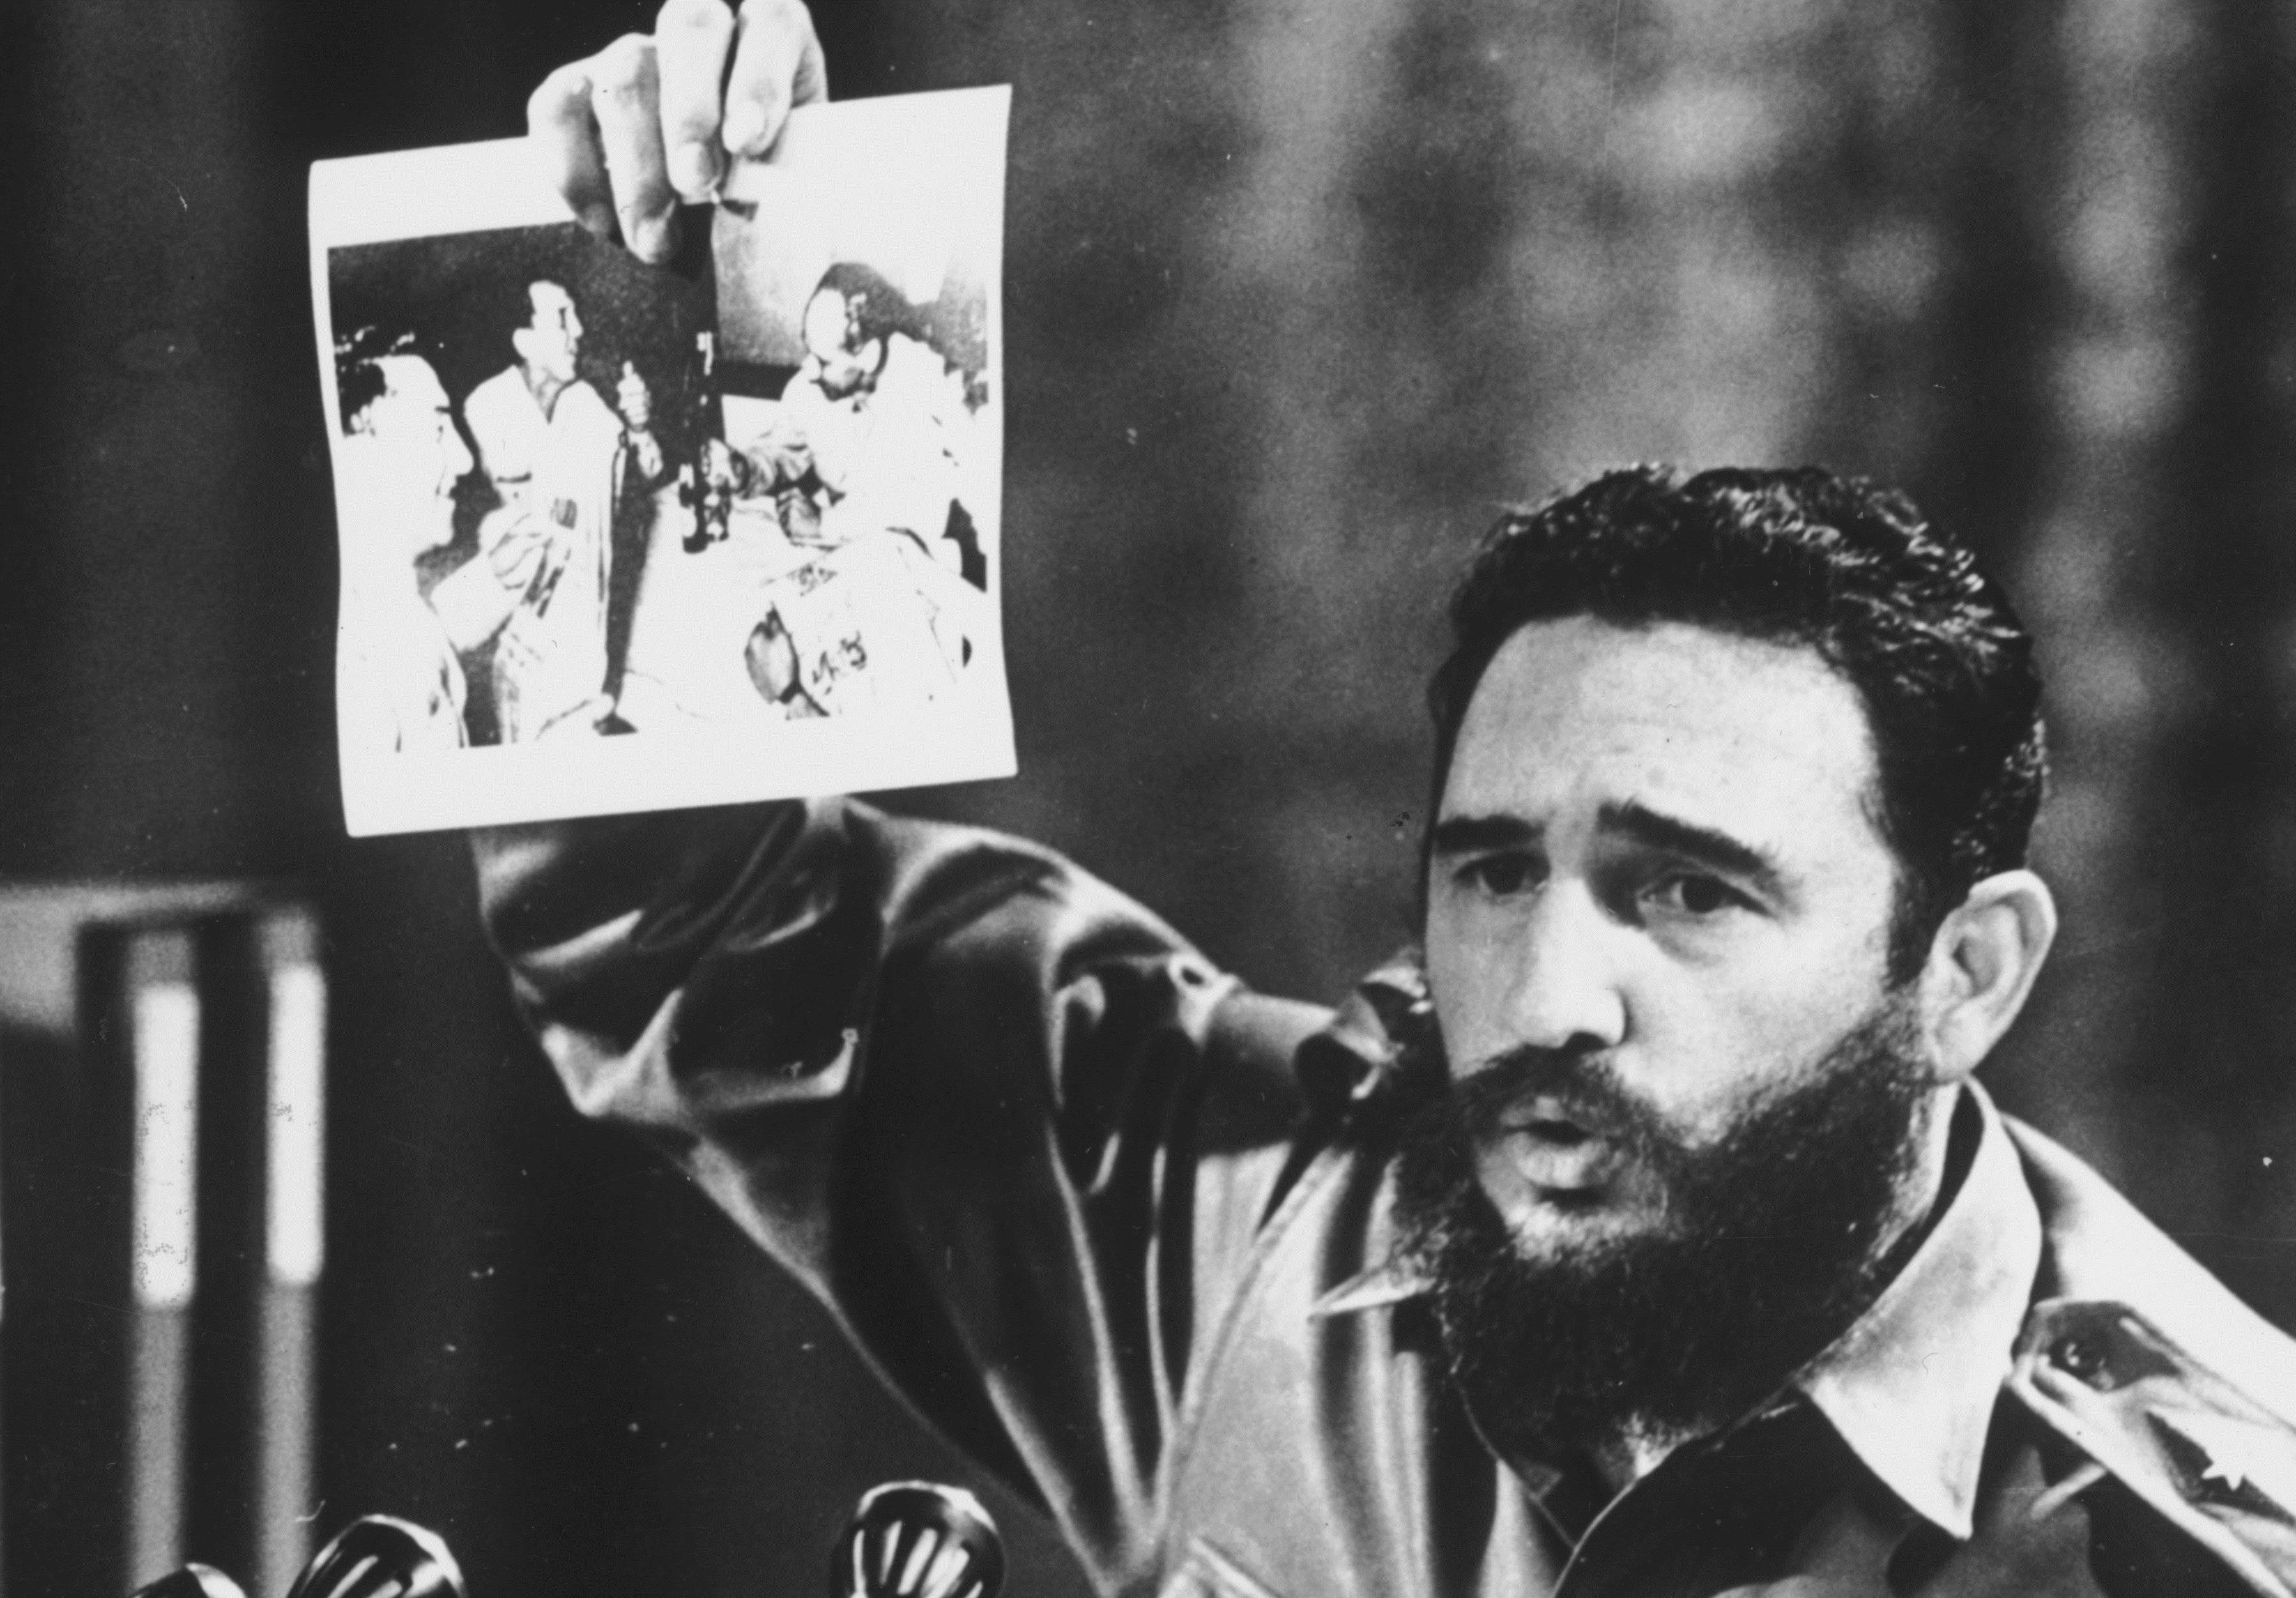 5 юли 1968 г. - Фидел Кастро показва снимка на ген. Овандо Кандиа и друг мъж от боливийската армия, които пият, за да отпразнуват смъртта на латиноамериканския революционер Че Гевара.